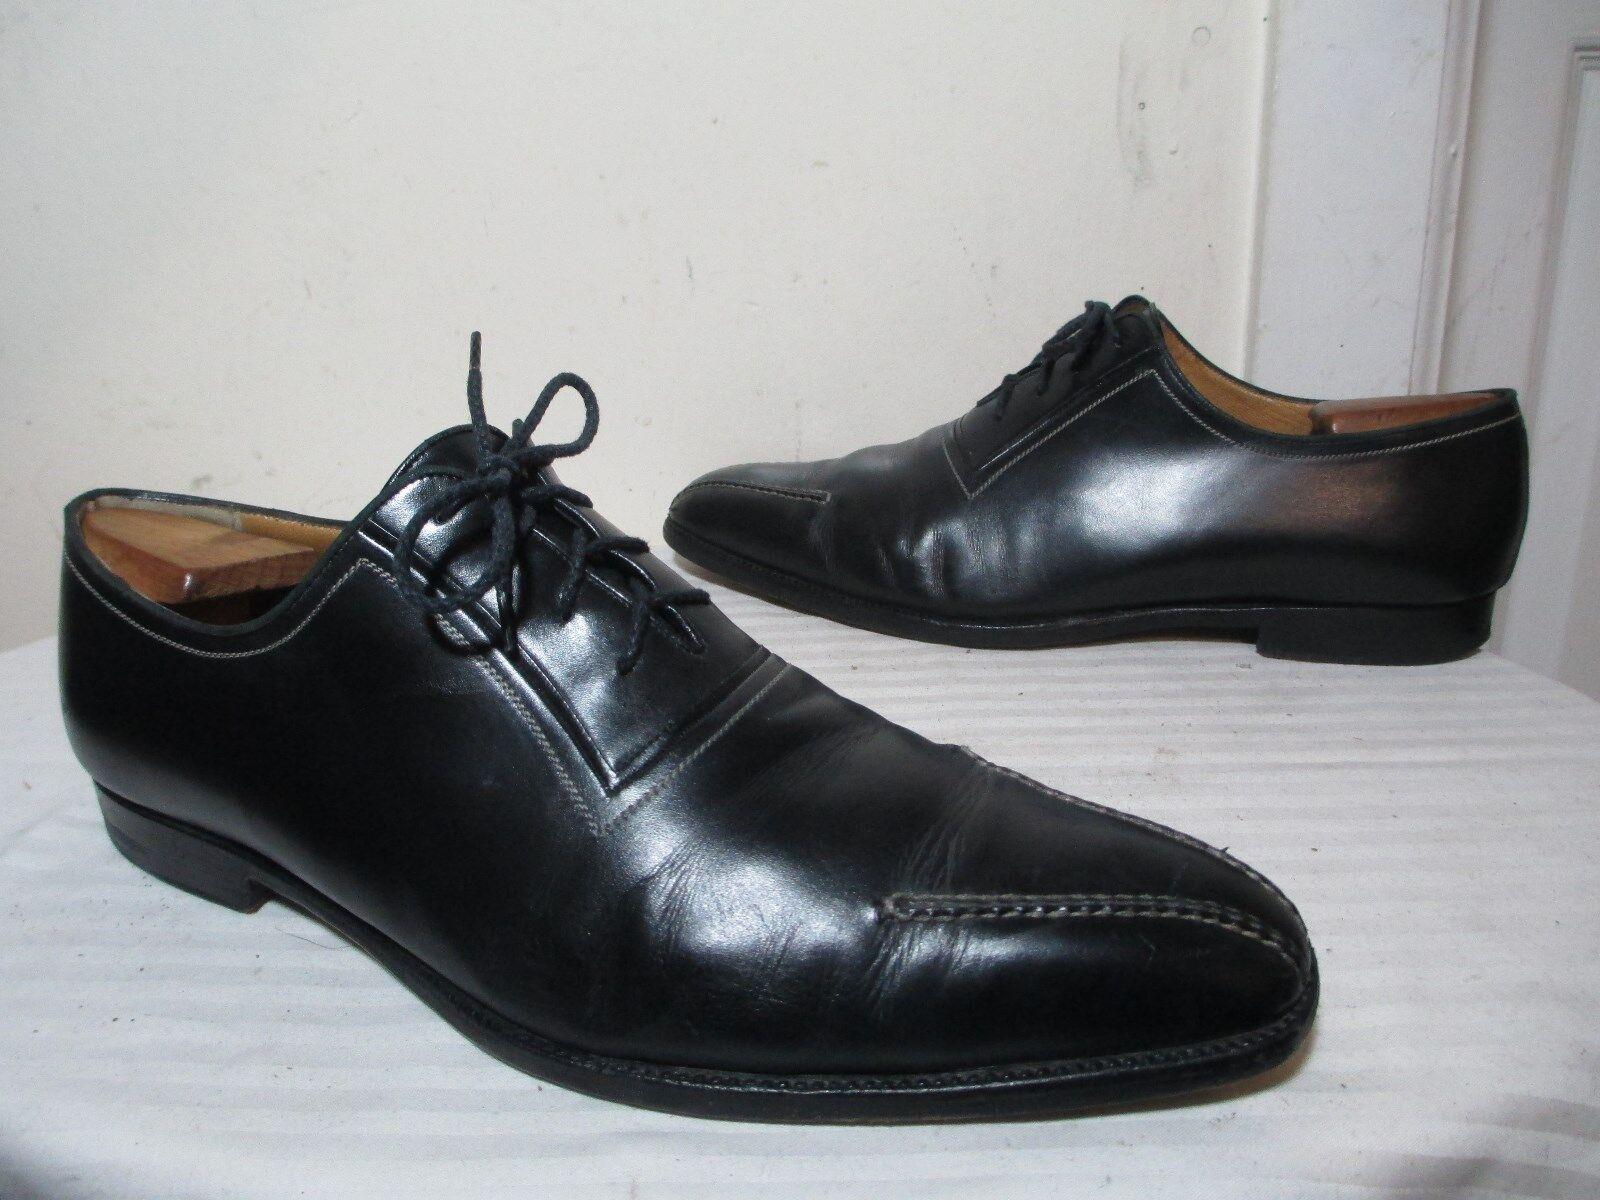 più sconto A. TESTONI MEN'S nero LEATHER LEATHER LEATHER LACE UP BICYCLE TOE DRESS scarpe SZ 11.5  RARE   design semplice e generoso